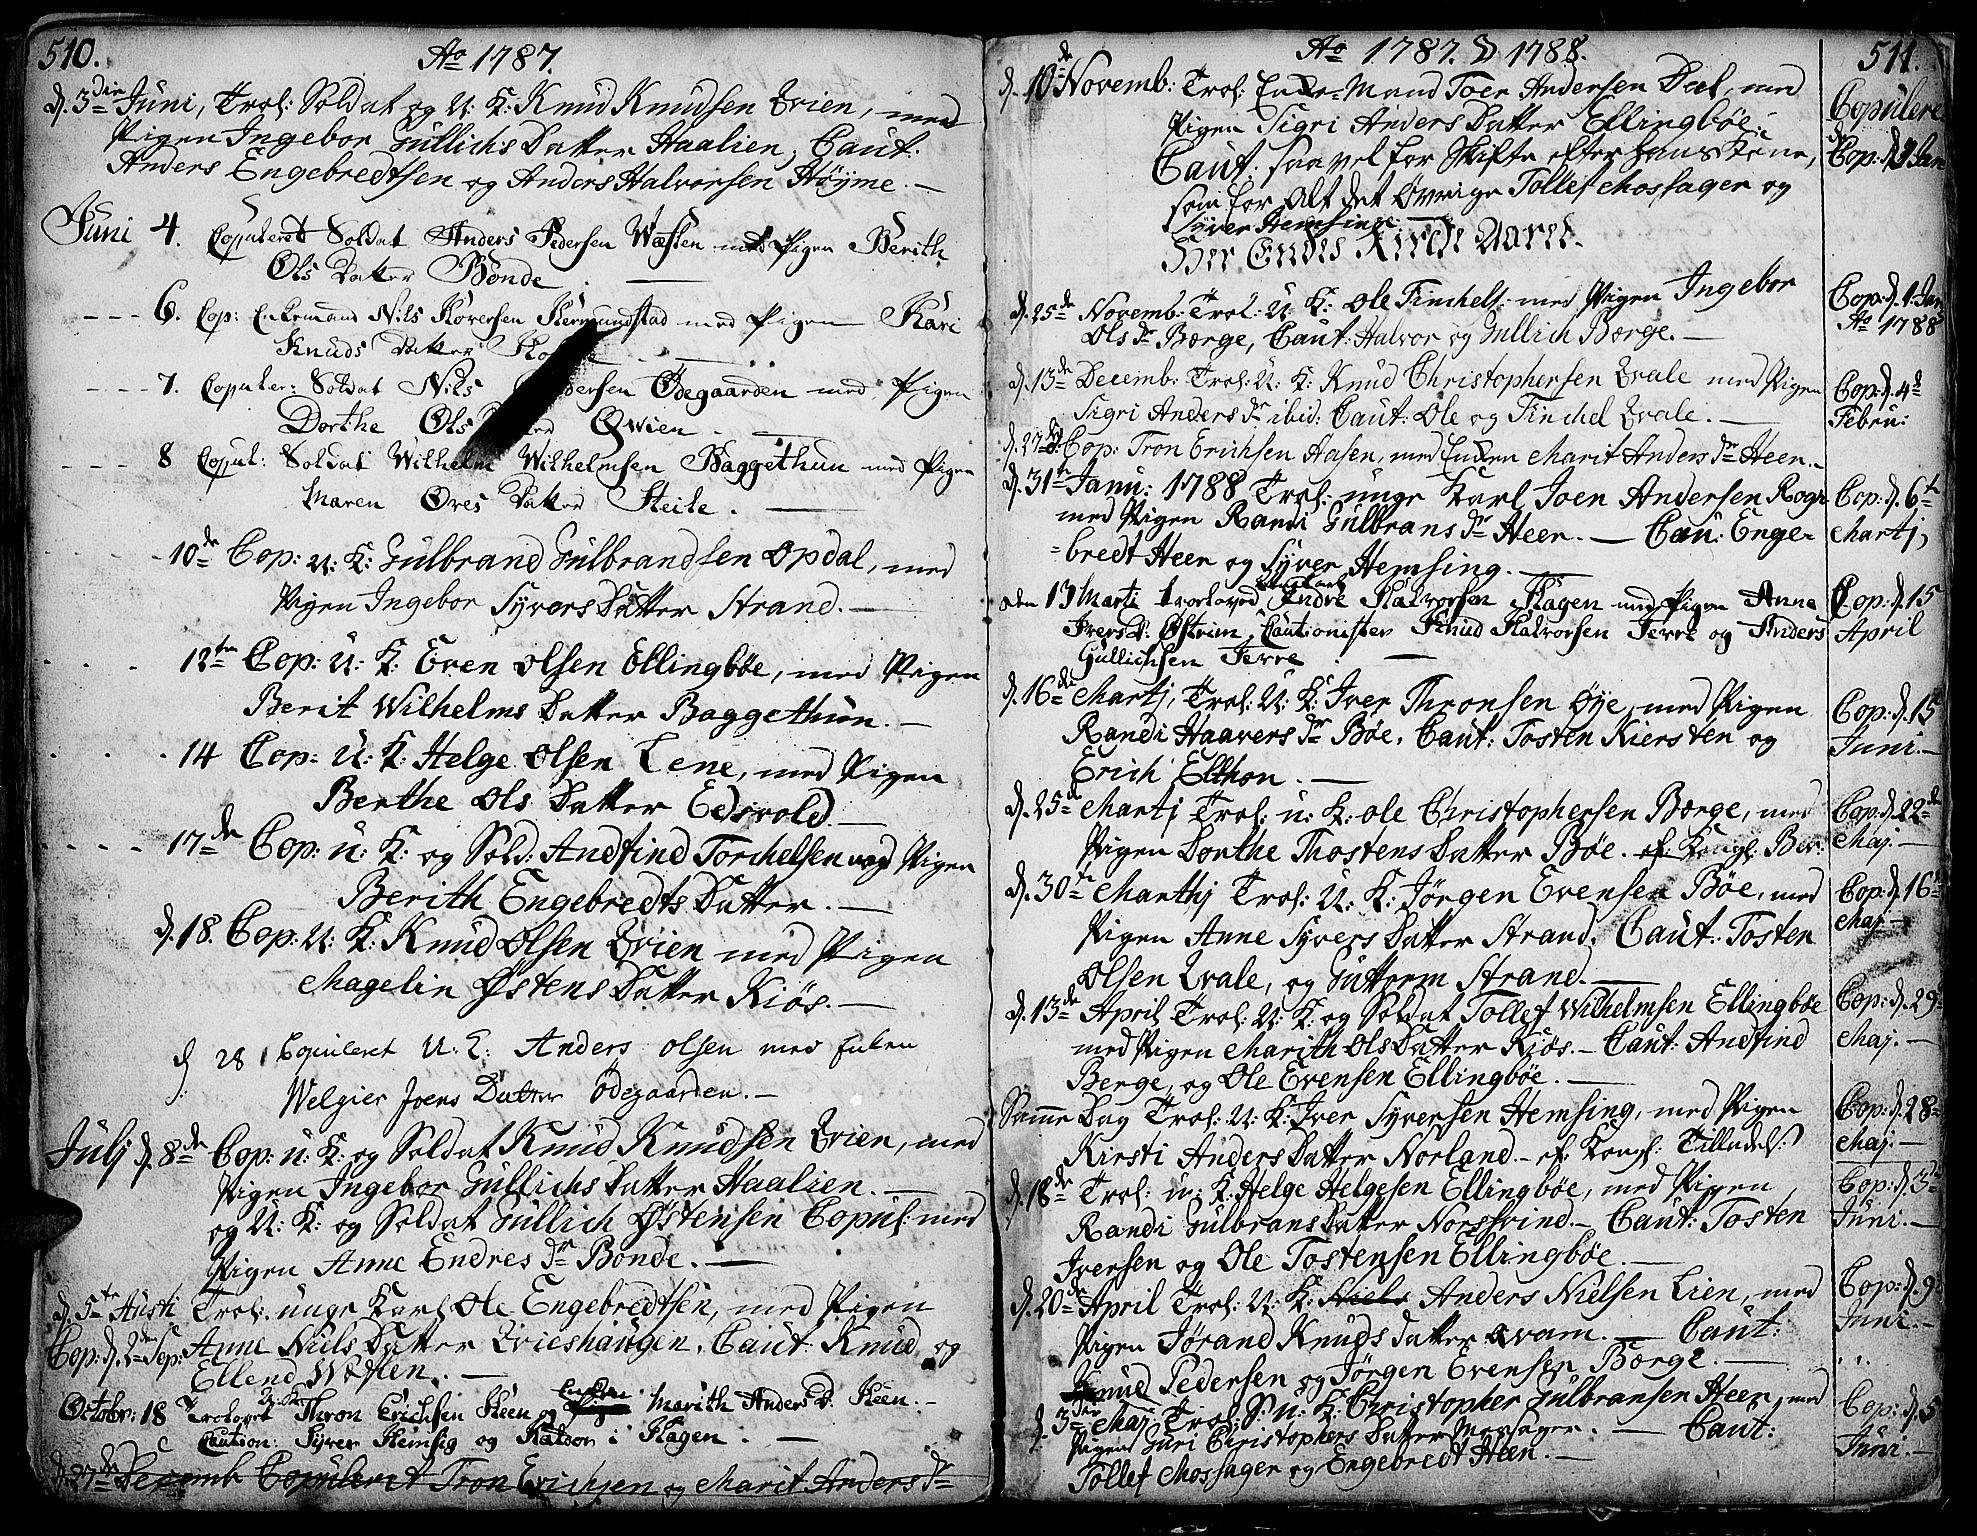 SAH, Vang prestekontor, Valdres, Ministerialbok nr. 1, 1730-1796, s. 510-511